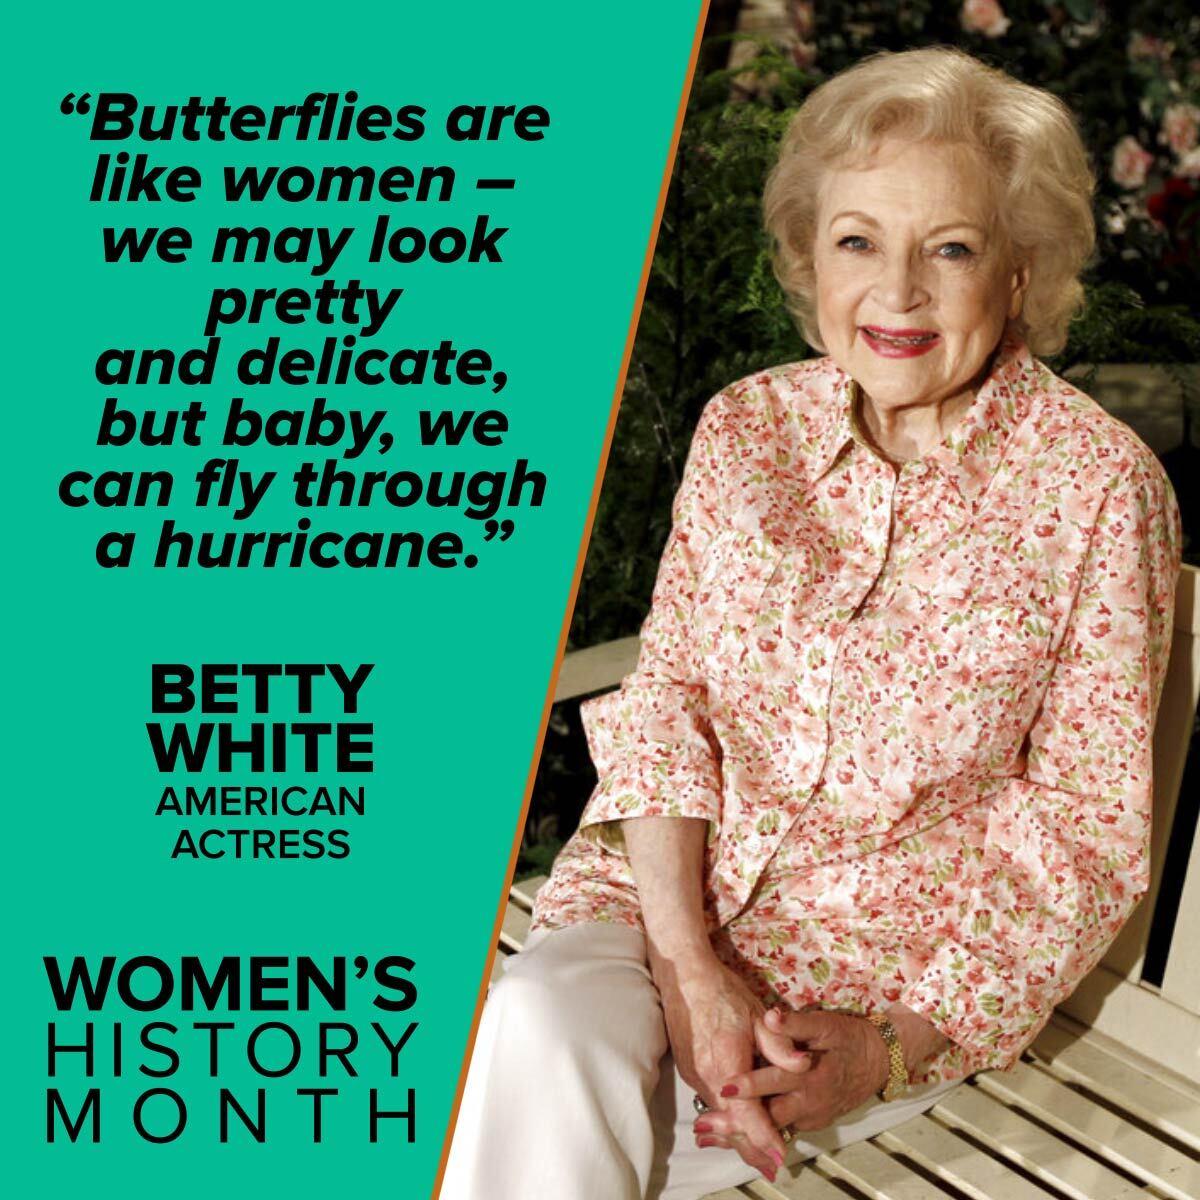 Women's History Month_Betty White.jpg